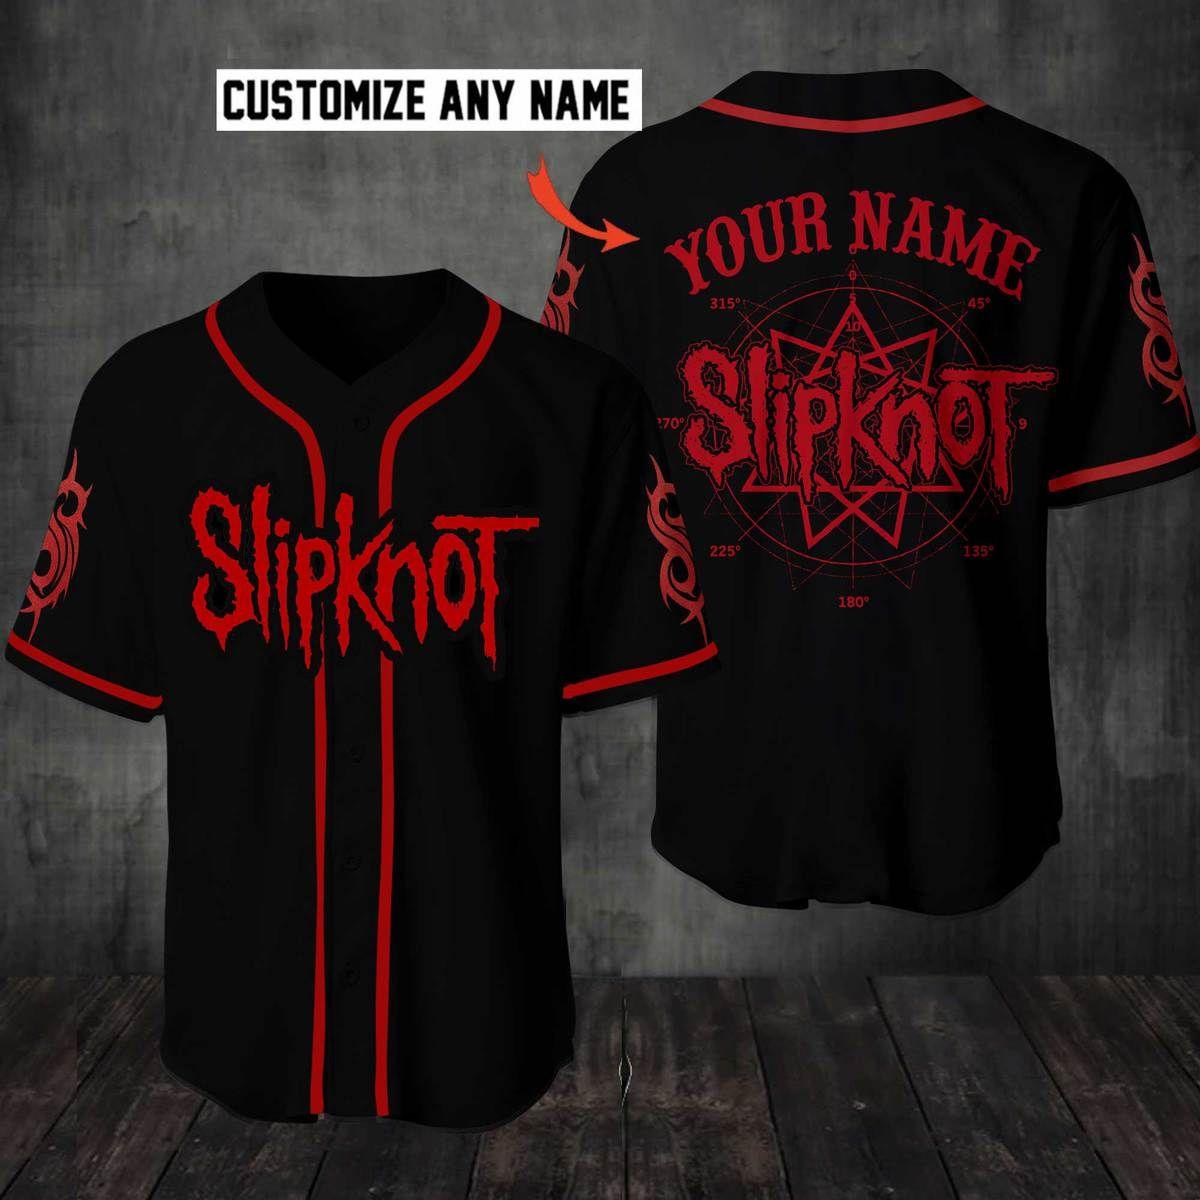 Slipknot Custom Name Baseball Jersey Shirt